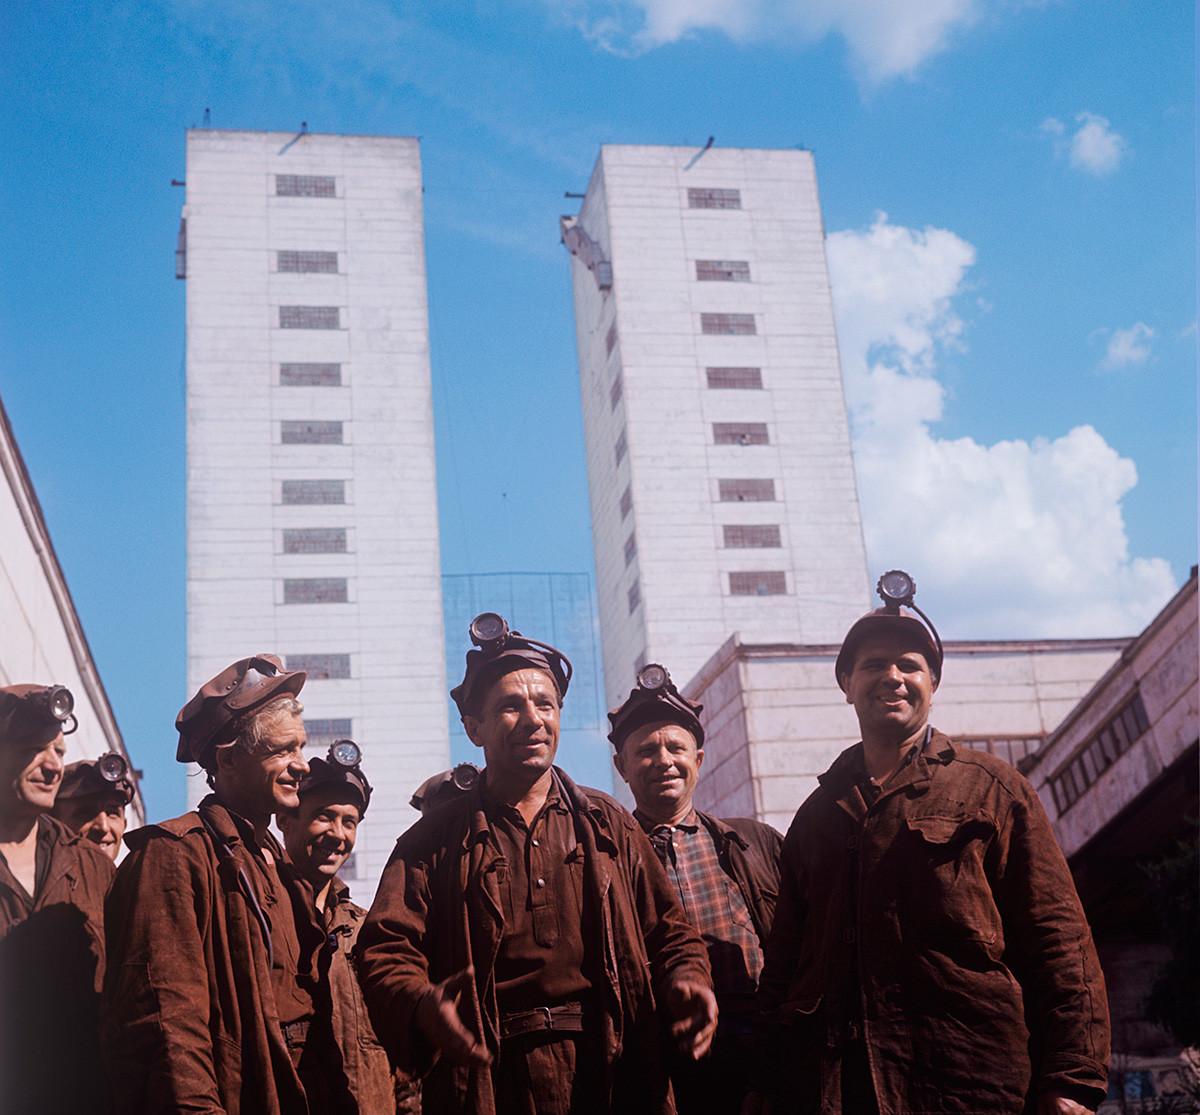 Ena od ekip rudnika Gvardejskaja v Krivem Rogu, 1970